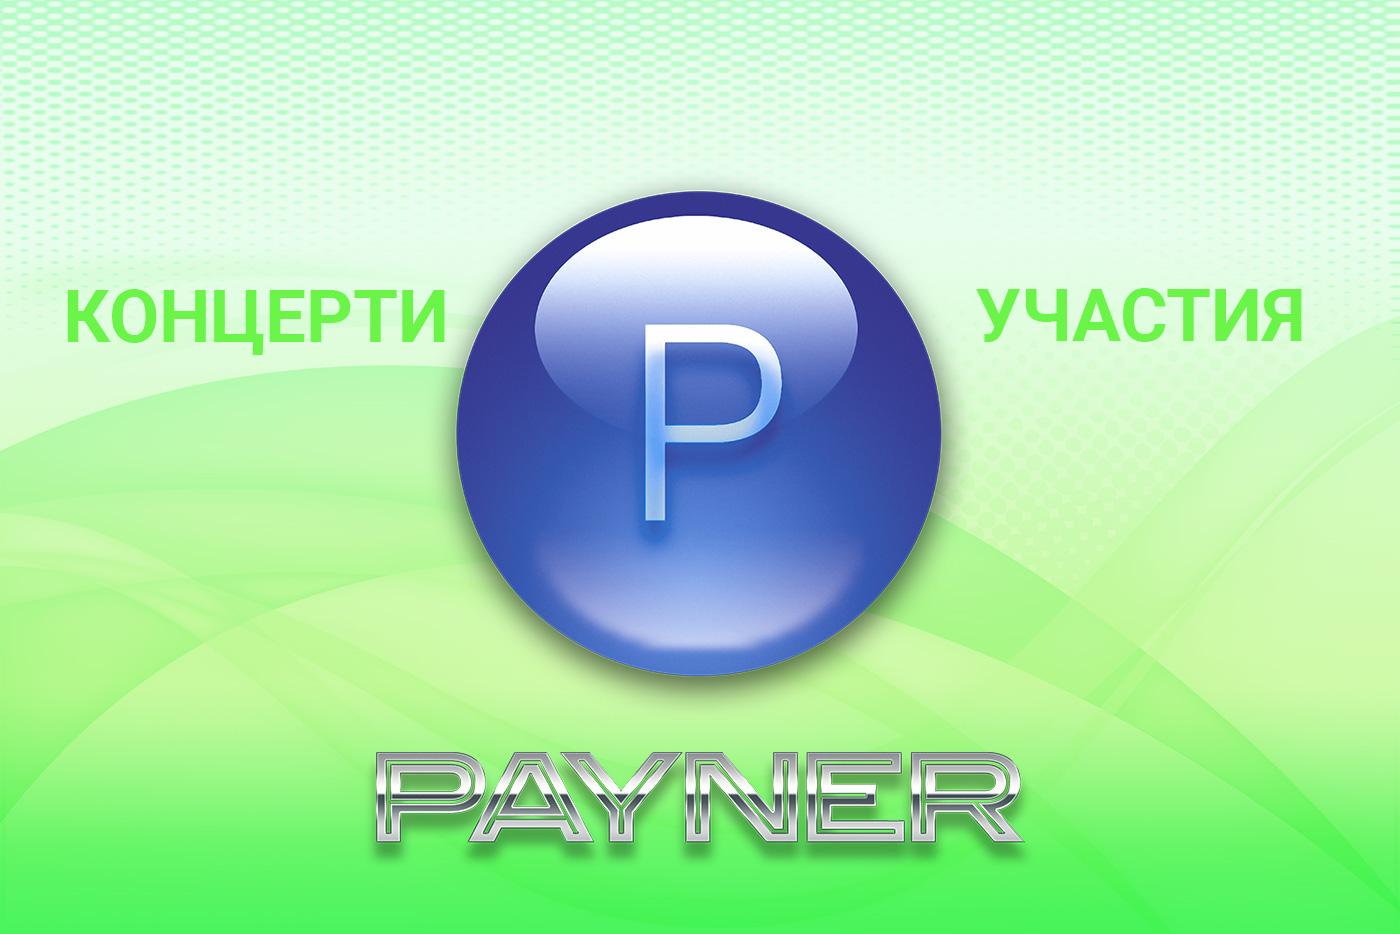 """Участия на звездите на """"Пайнер"""" на 19.09.2019"""